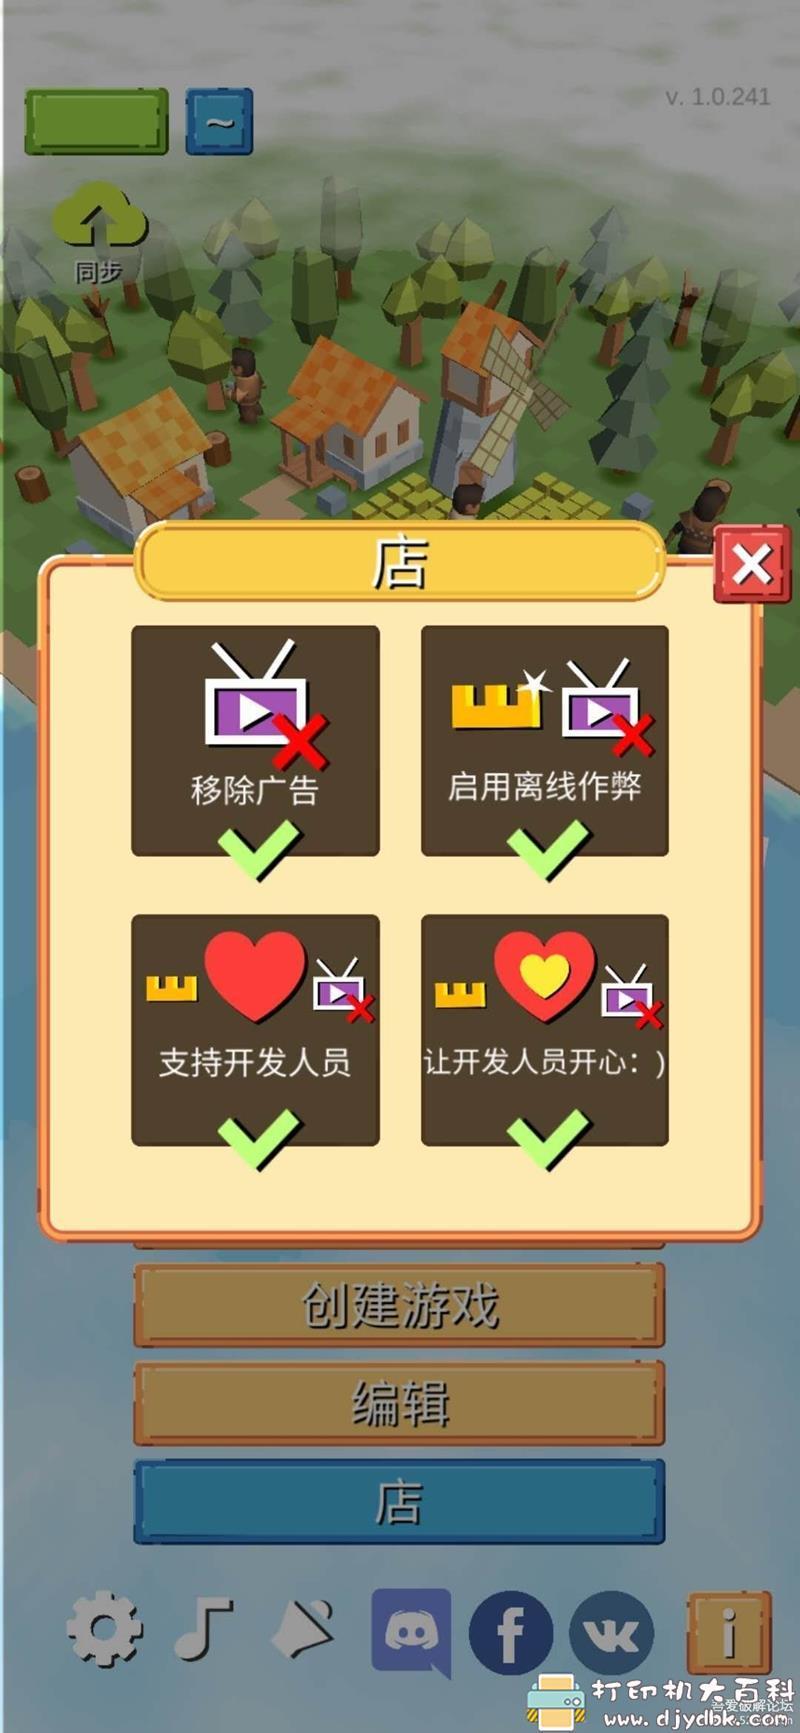 安卓游戏分享:【RTS】围攻!中世纪1.0.241 去广告解锁版 配图 No.2